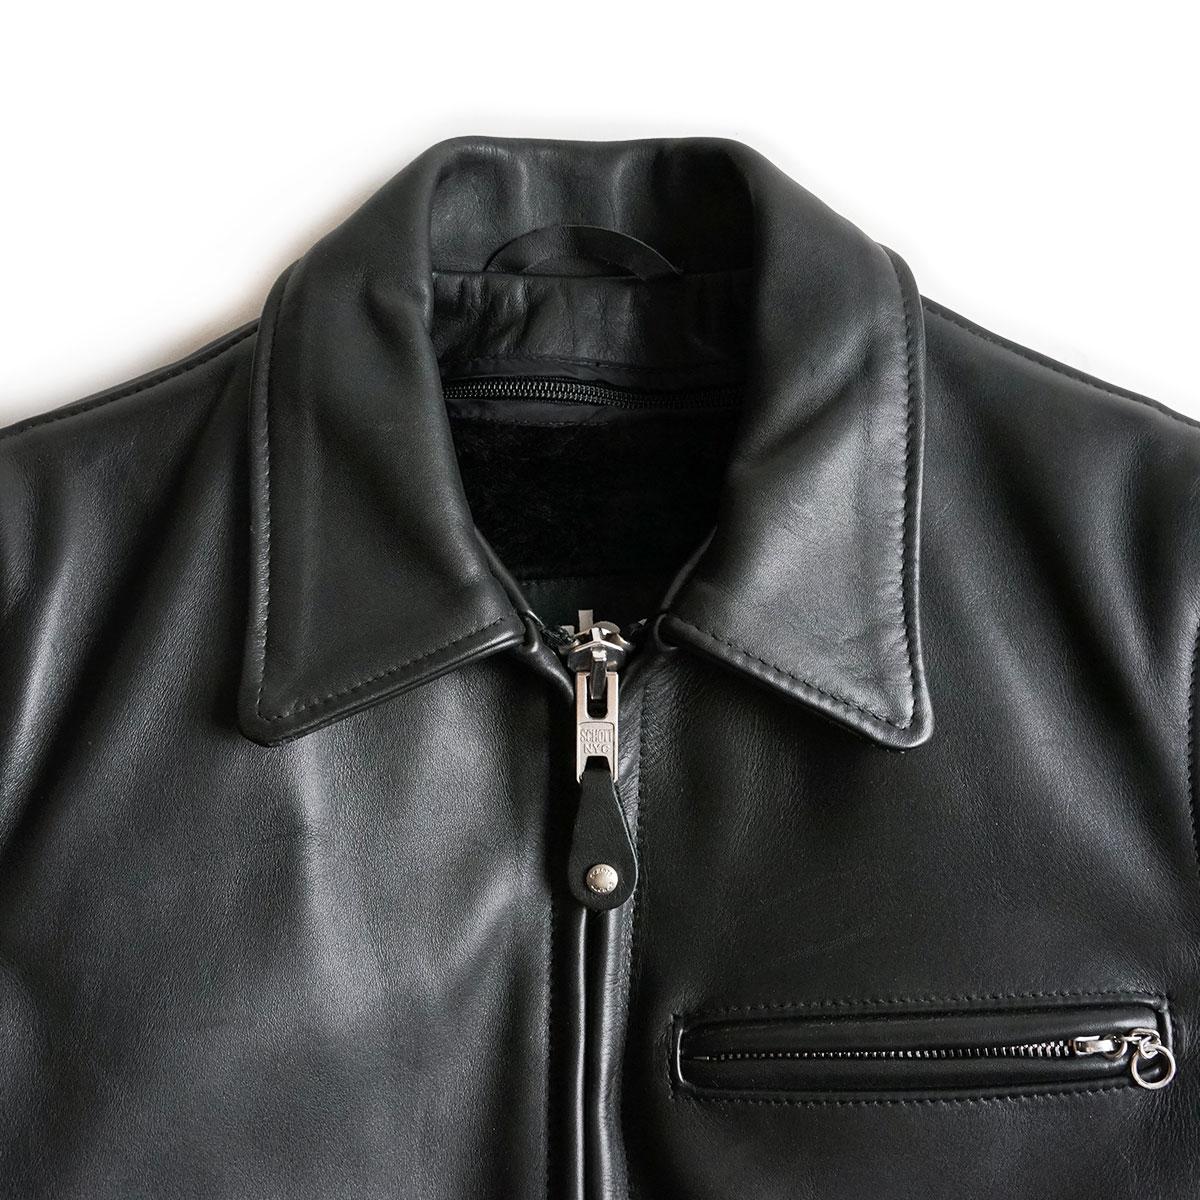 ショット SCHOTT 643 当店別注 襟付き シングルライダース ブラック(アメリカ製 米国製 レザージャケット)